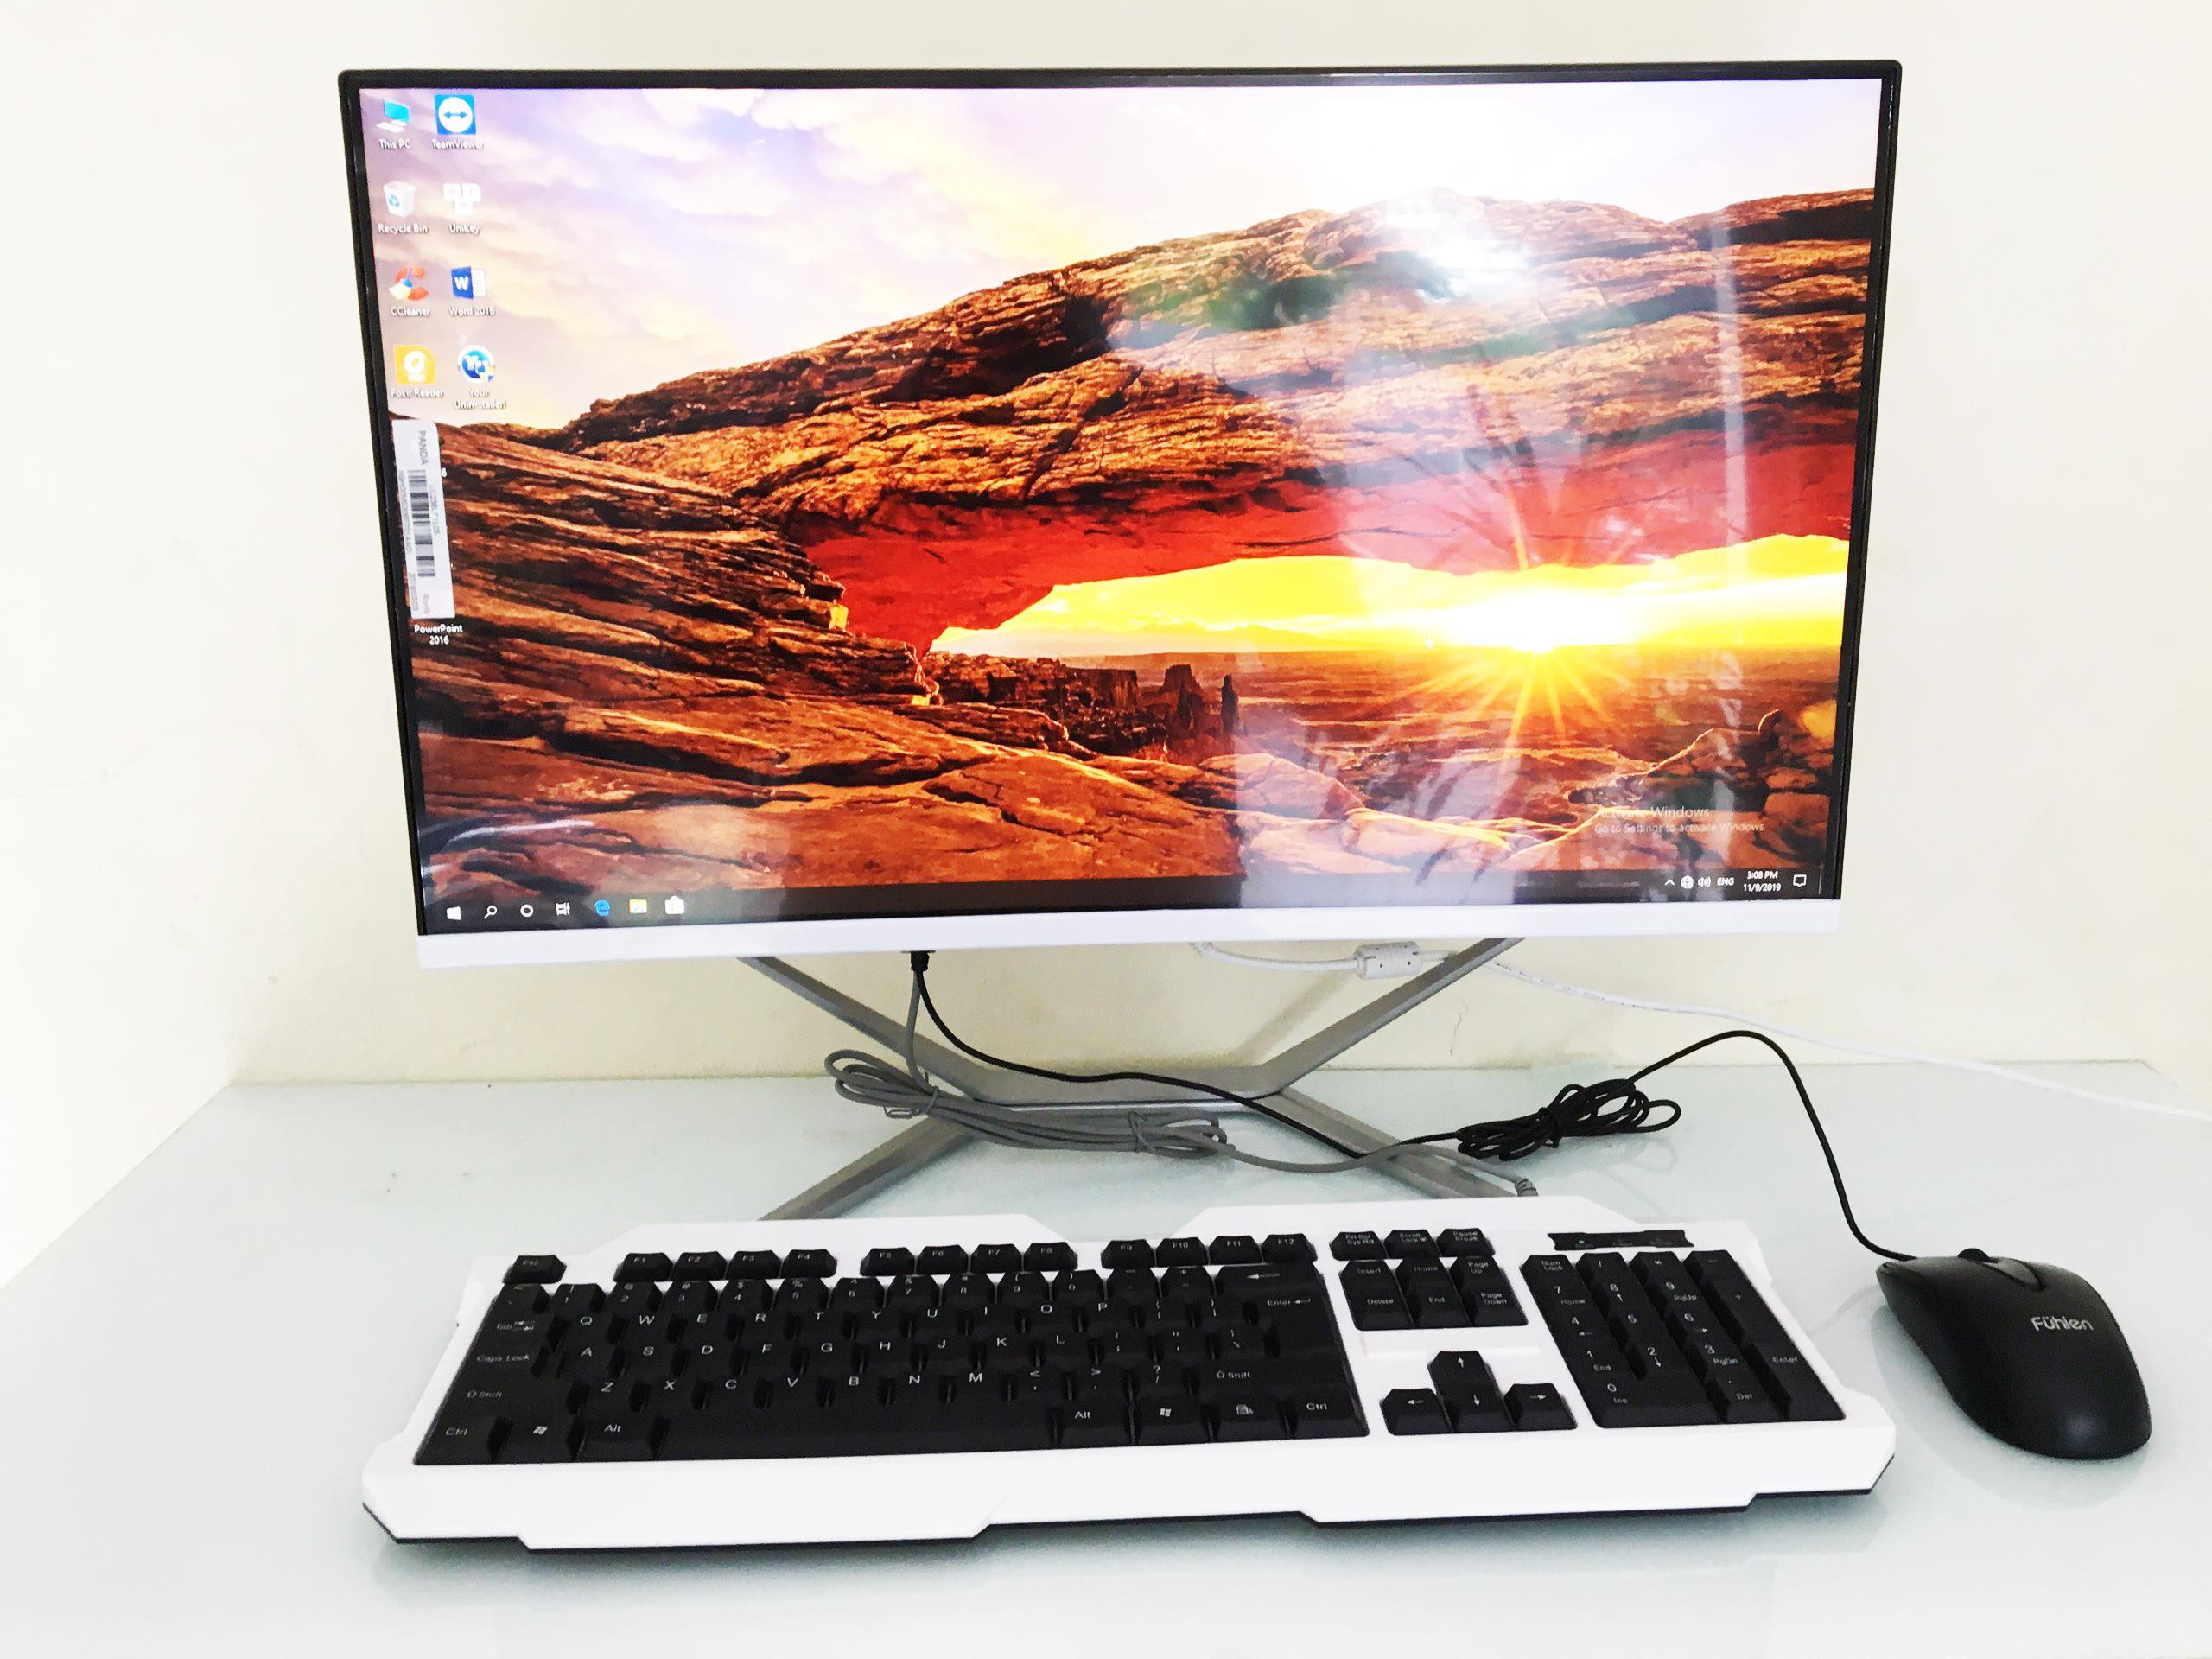 Bộ máy tính  Kiwivision All in one , CPU G4400, Ram 4G, máy tính trong màn hình-Hàng chính hãng